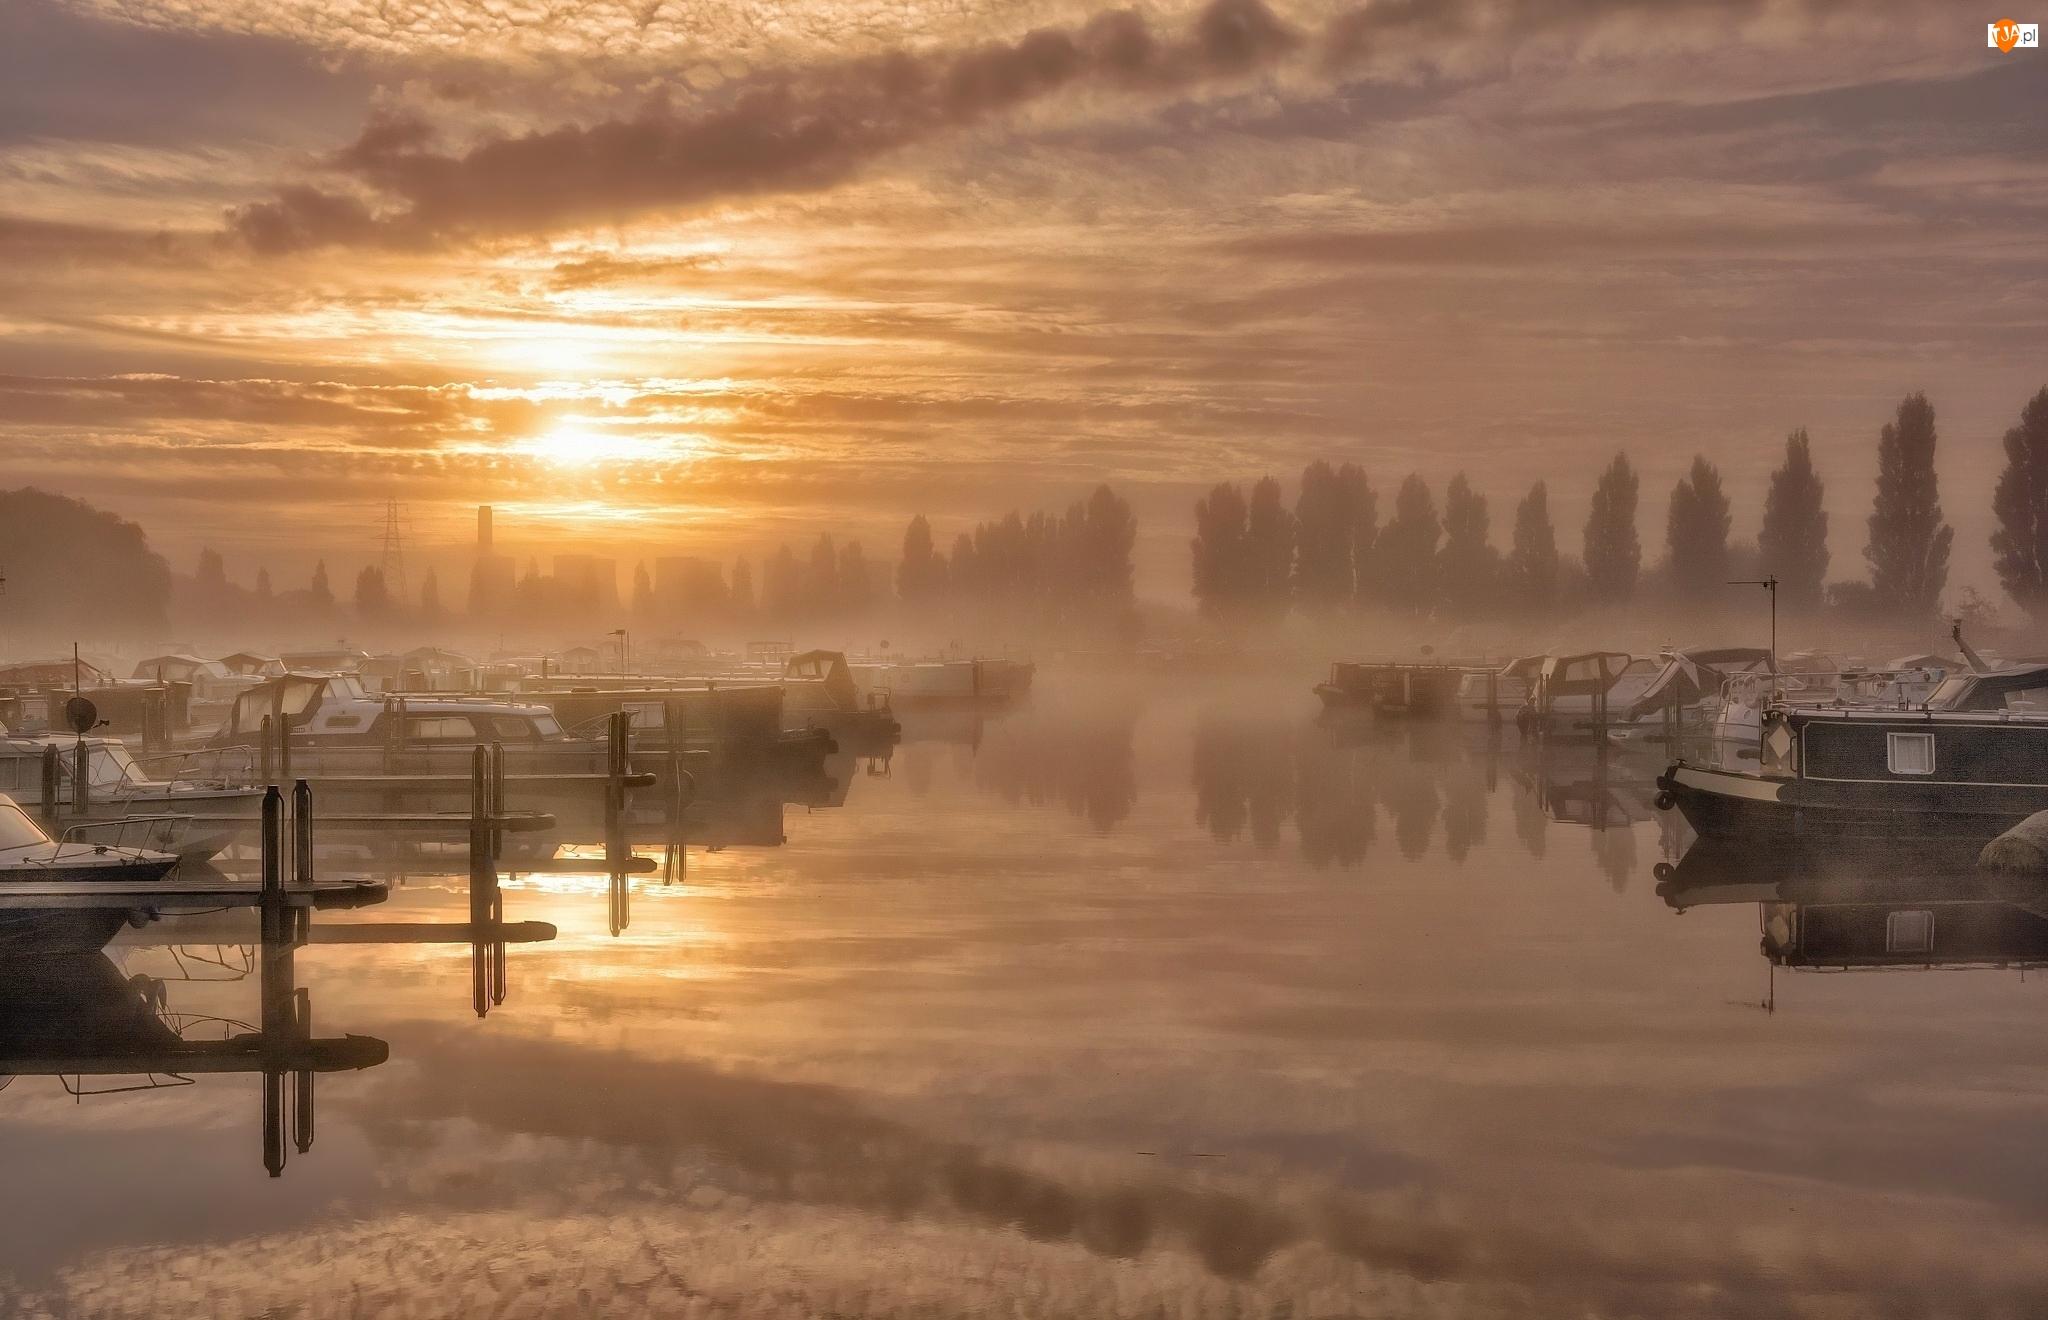 Mgła, Przystań, Motorówki, Wschód słońca, Drzewa